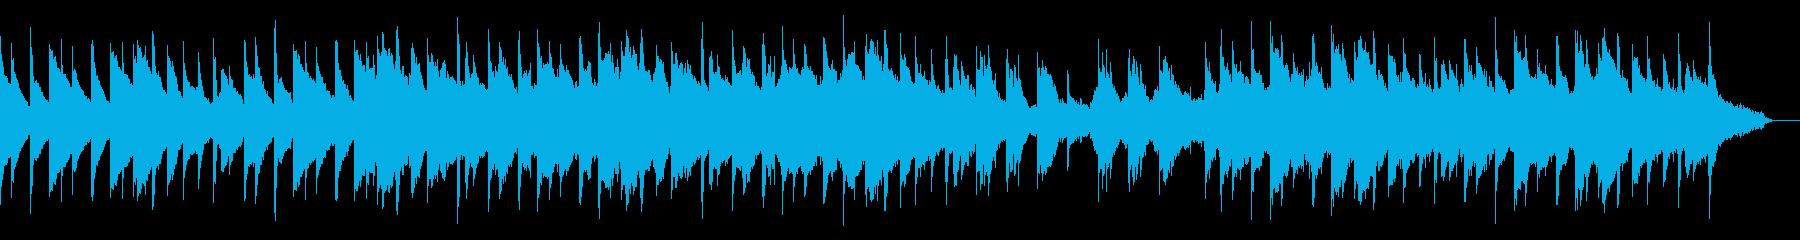 アコースティックギターとチェロのバラードの再生済みの波形